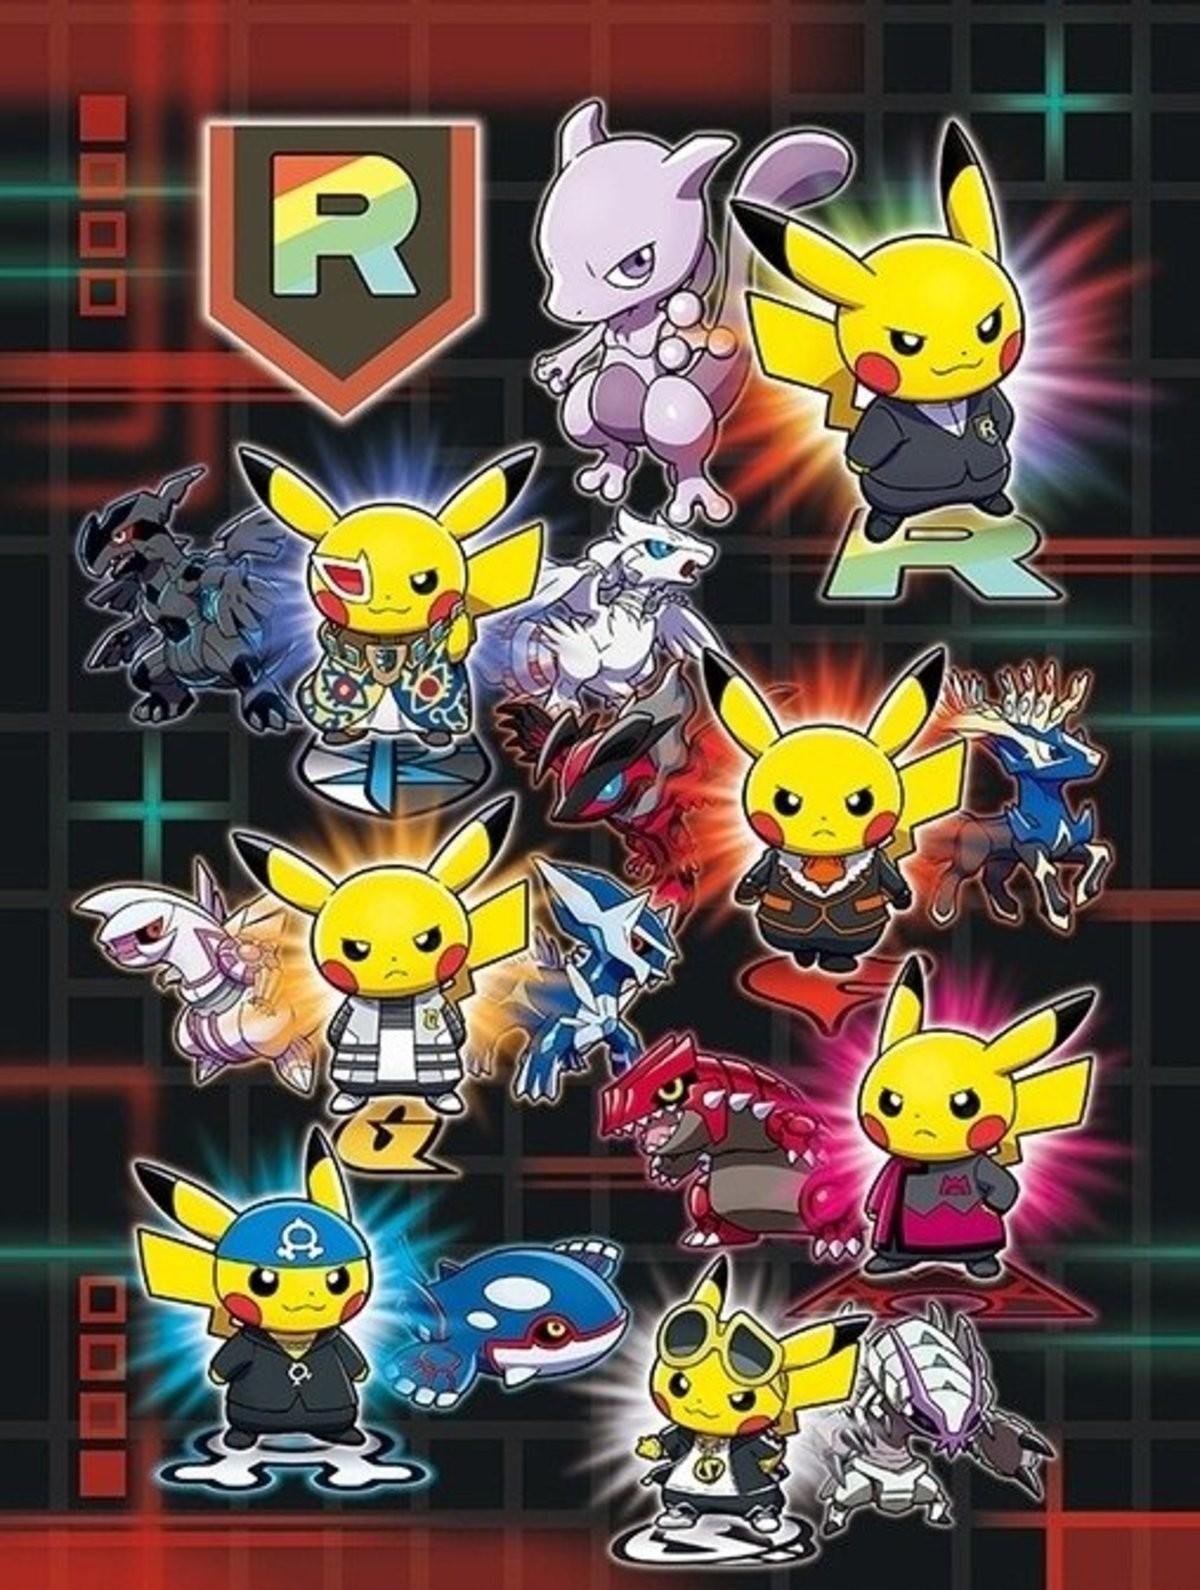 New Rainbow Rocket Pikachu merchandise coming soon. .. CYRUS PIKACHU I NEEEEEEEED IT